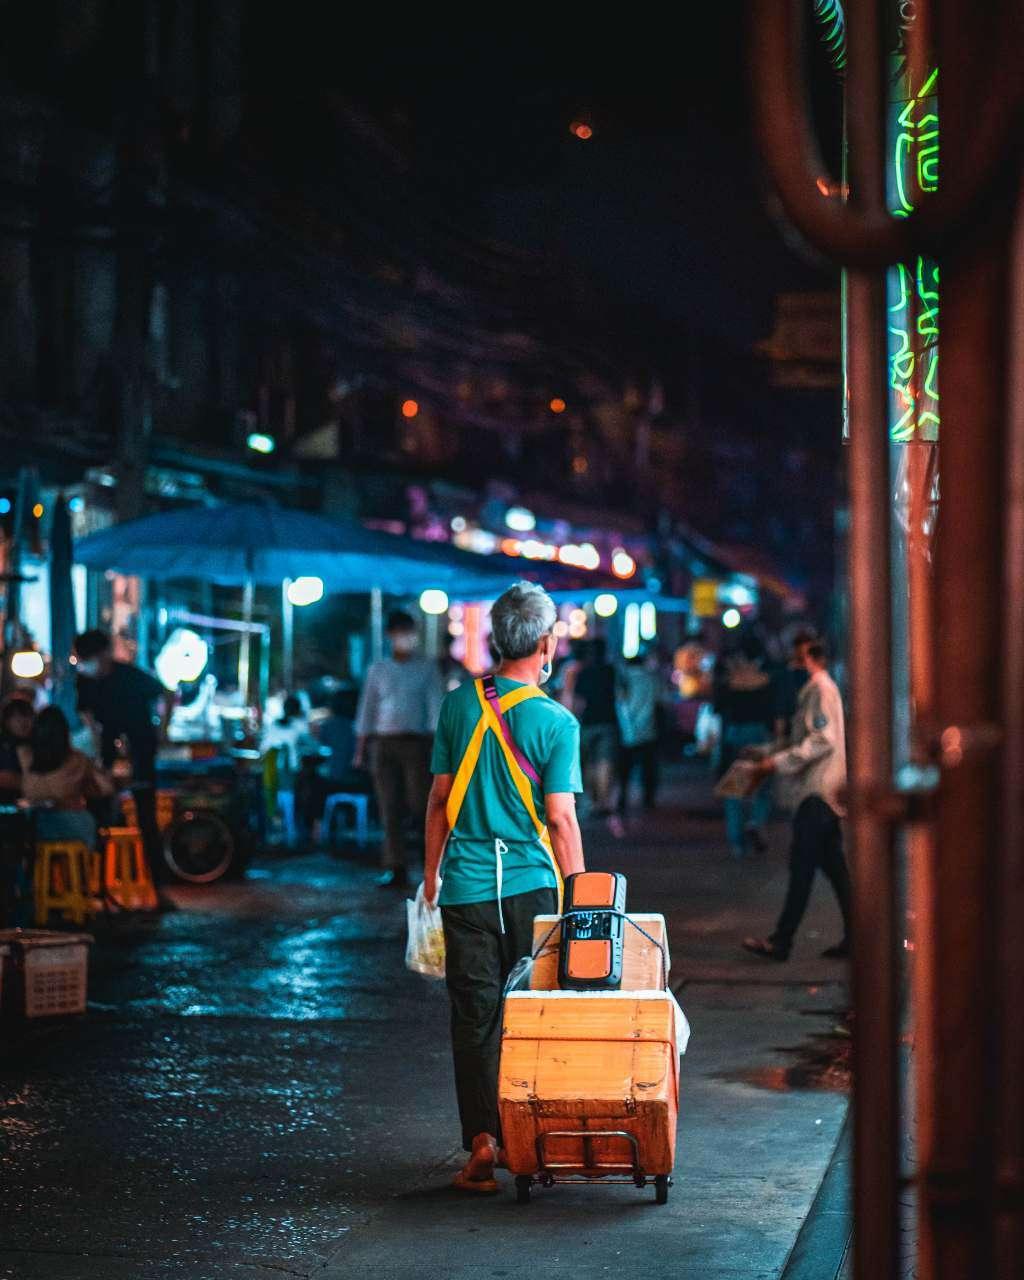 Bangkok street food vendor going home